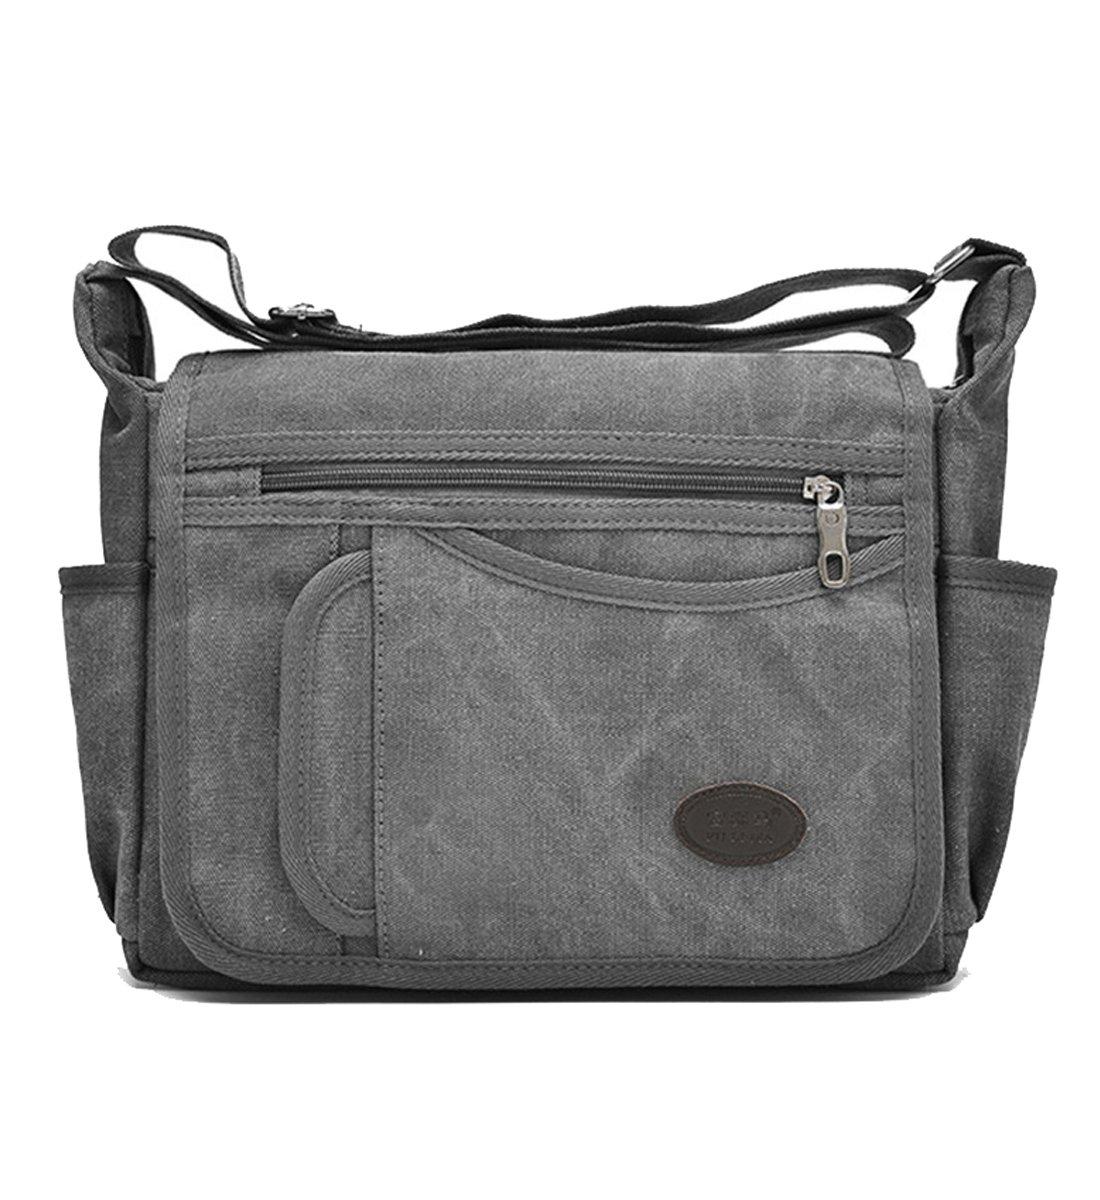 Degohome Messenger Bag Vintage Retro Canvas Business shoulder bag Crossbody Travel Bag (Normal size, gray)